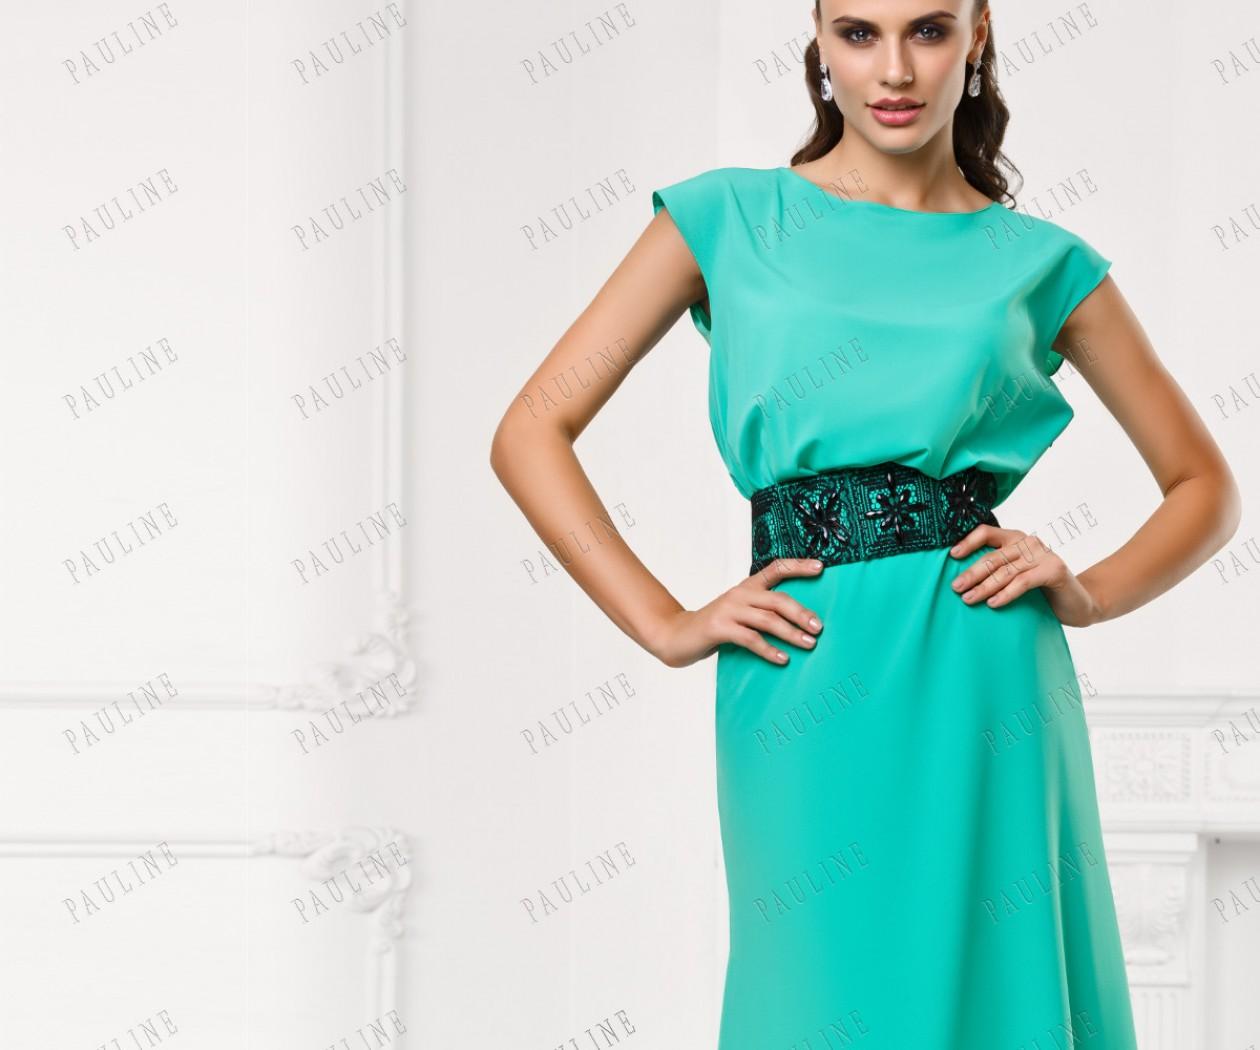 Длинное платье на выпускной цвета аква СЕНСАНС